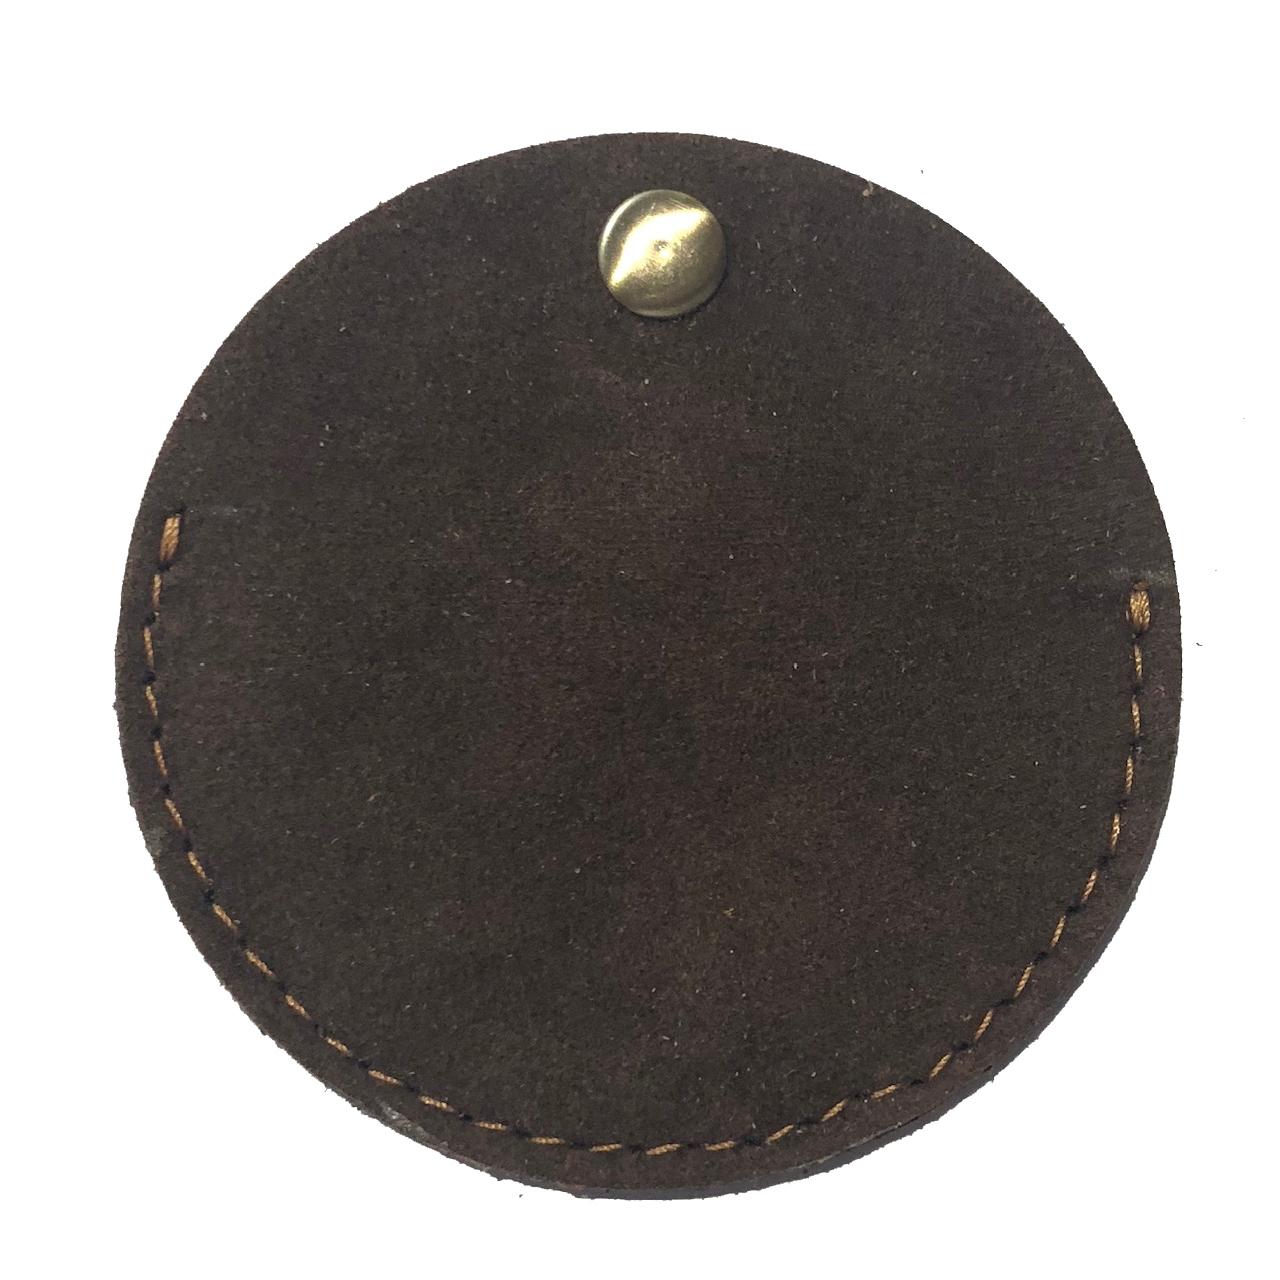 نگهدارنده کابل هندزفری و شارژ دو رو جیر– دست دوز مدل DJ رنگ قهوه ای B&S Leather